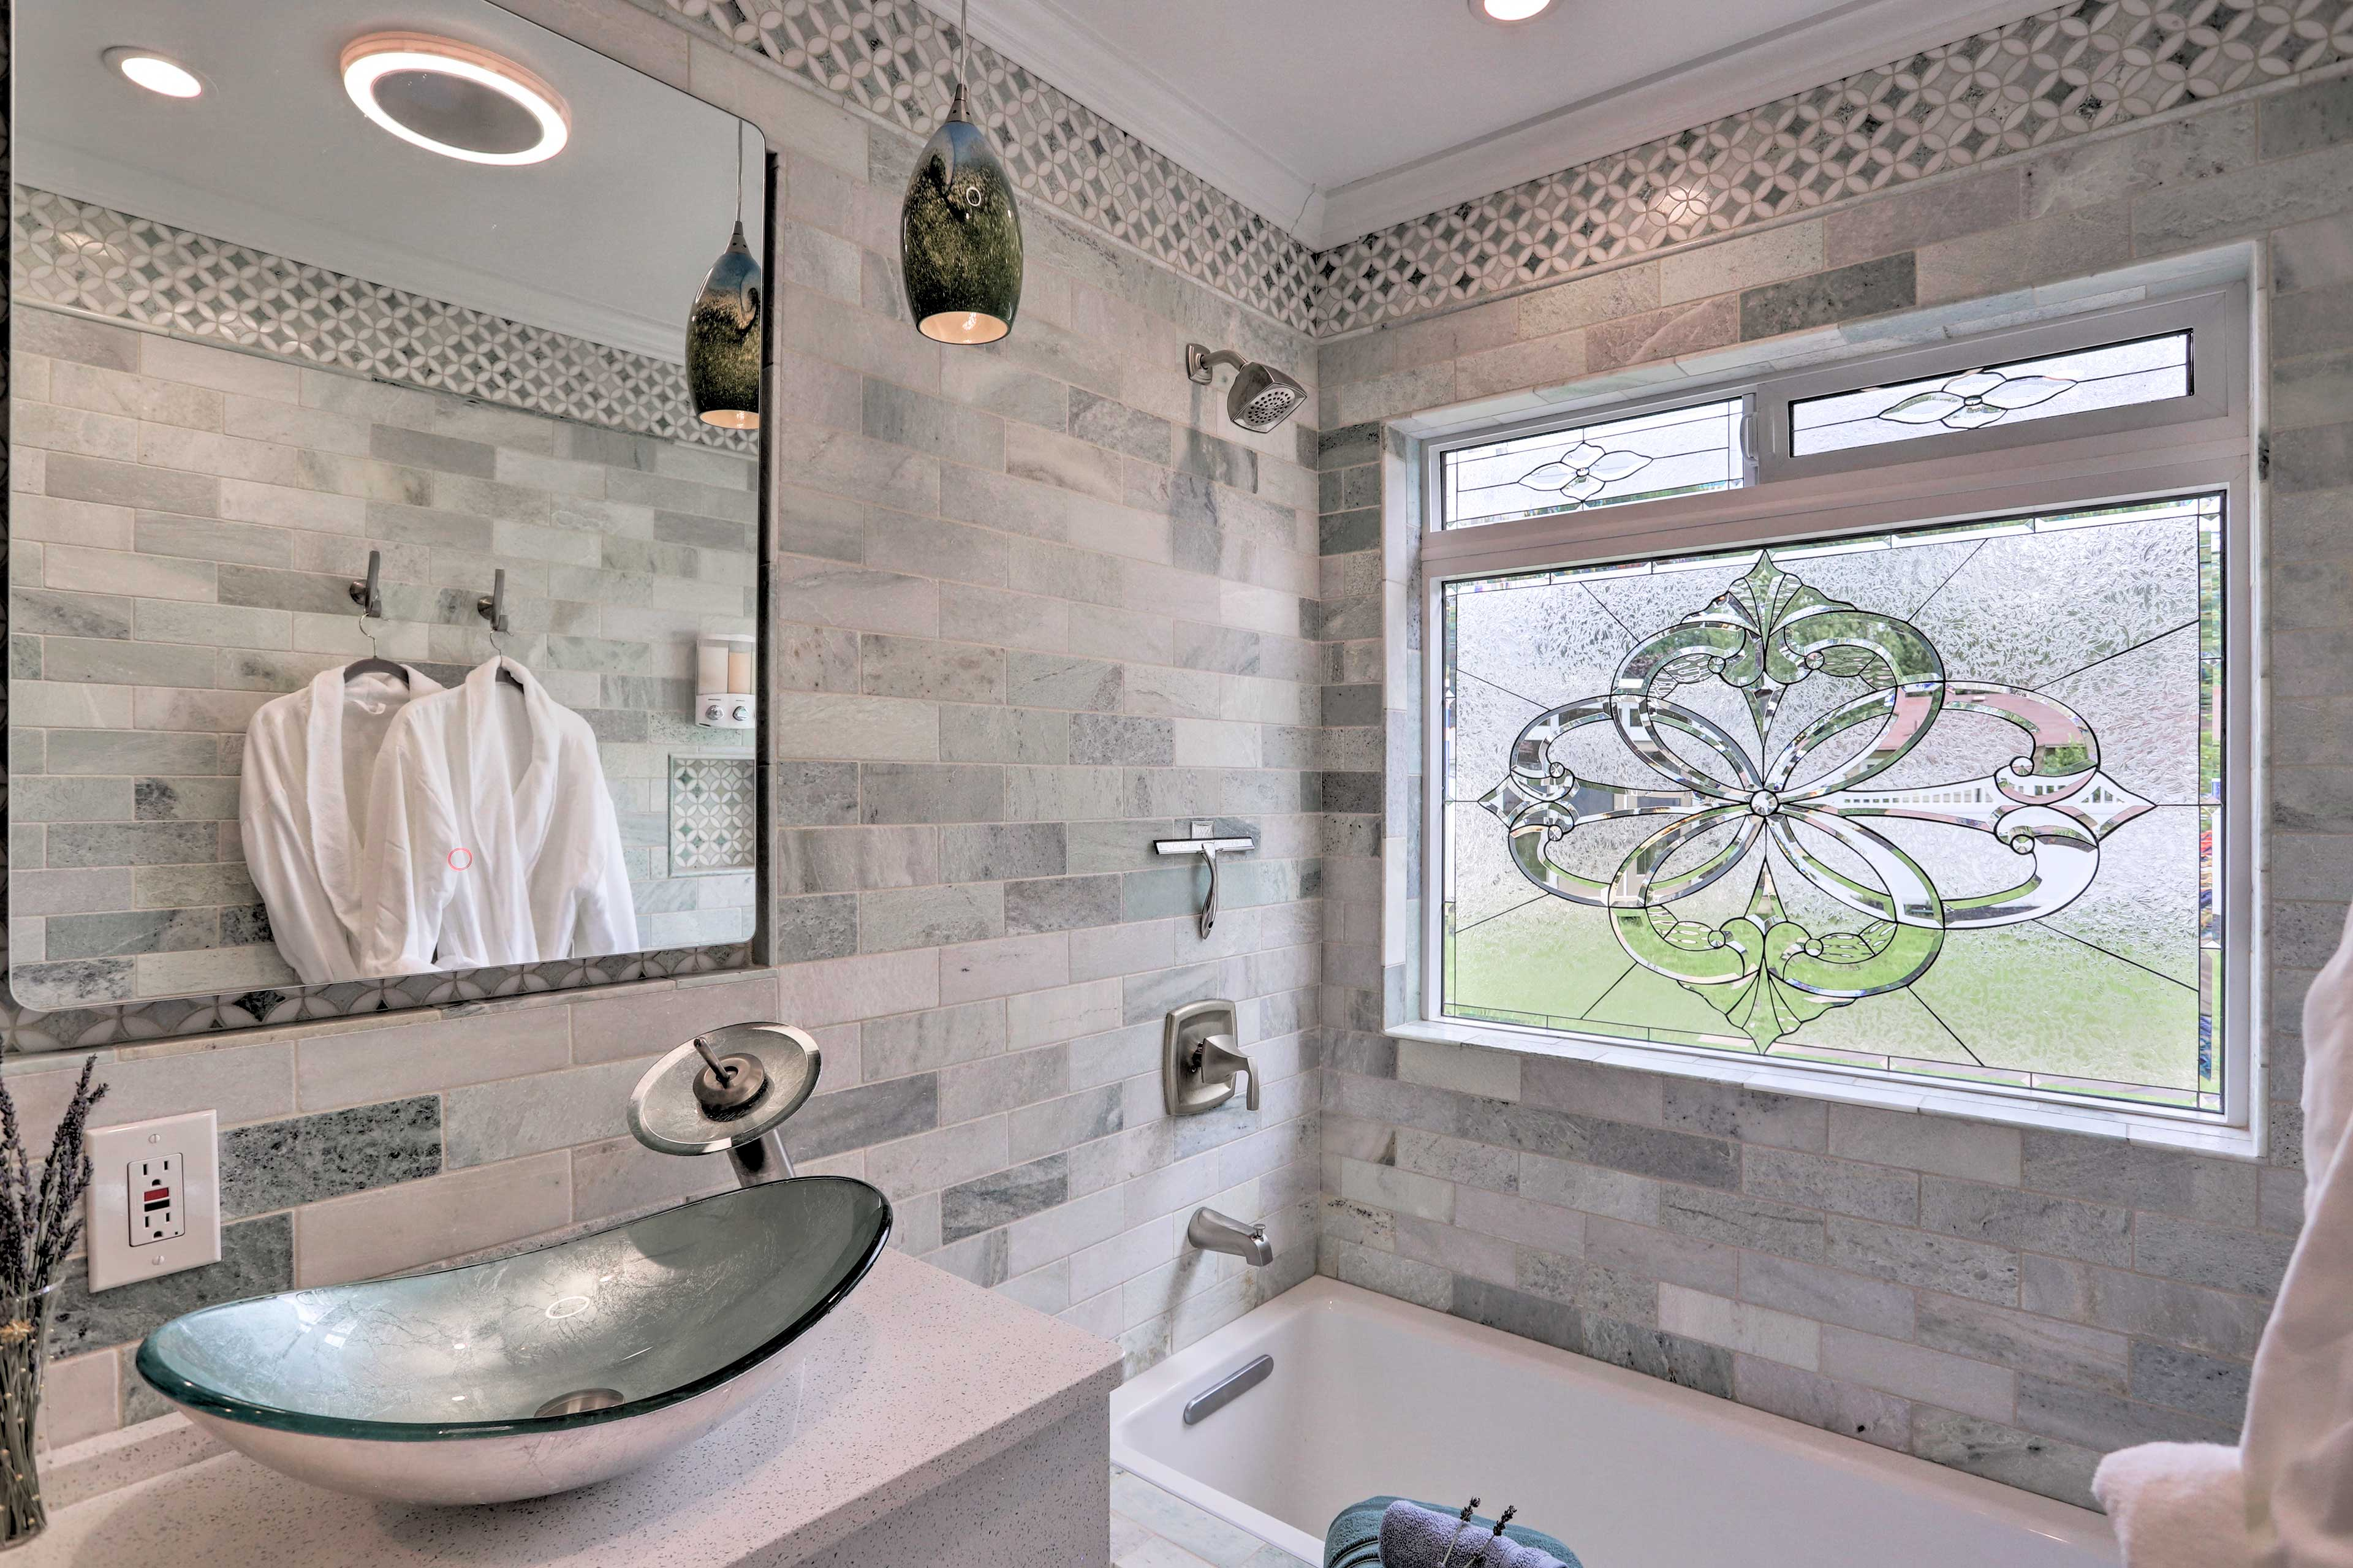 Enjoy a nice soak in the bathtub.